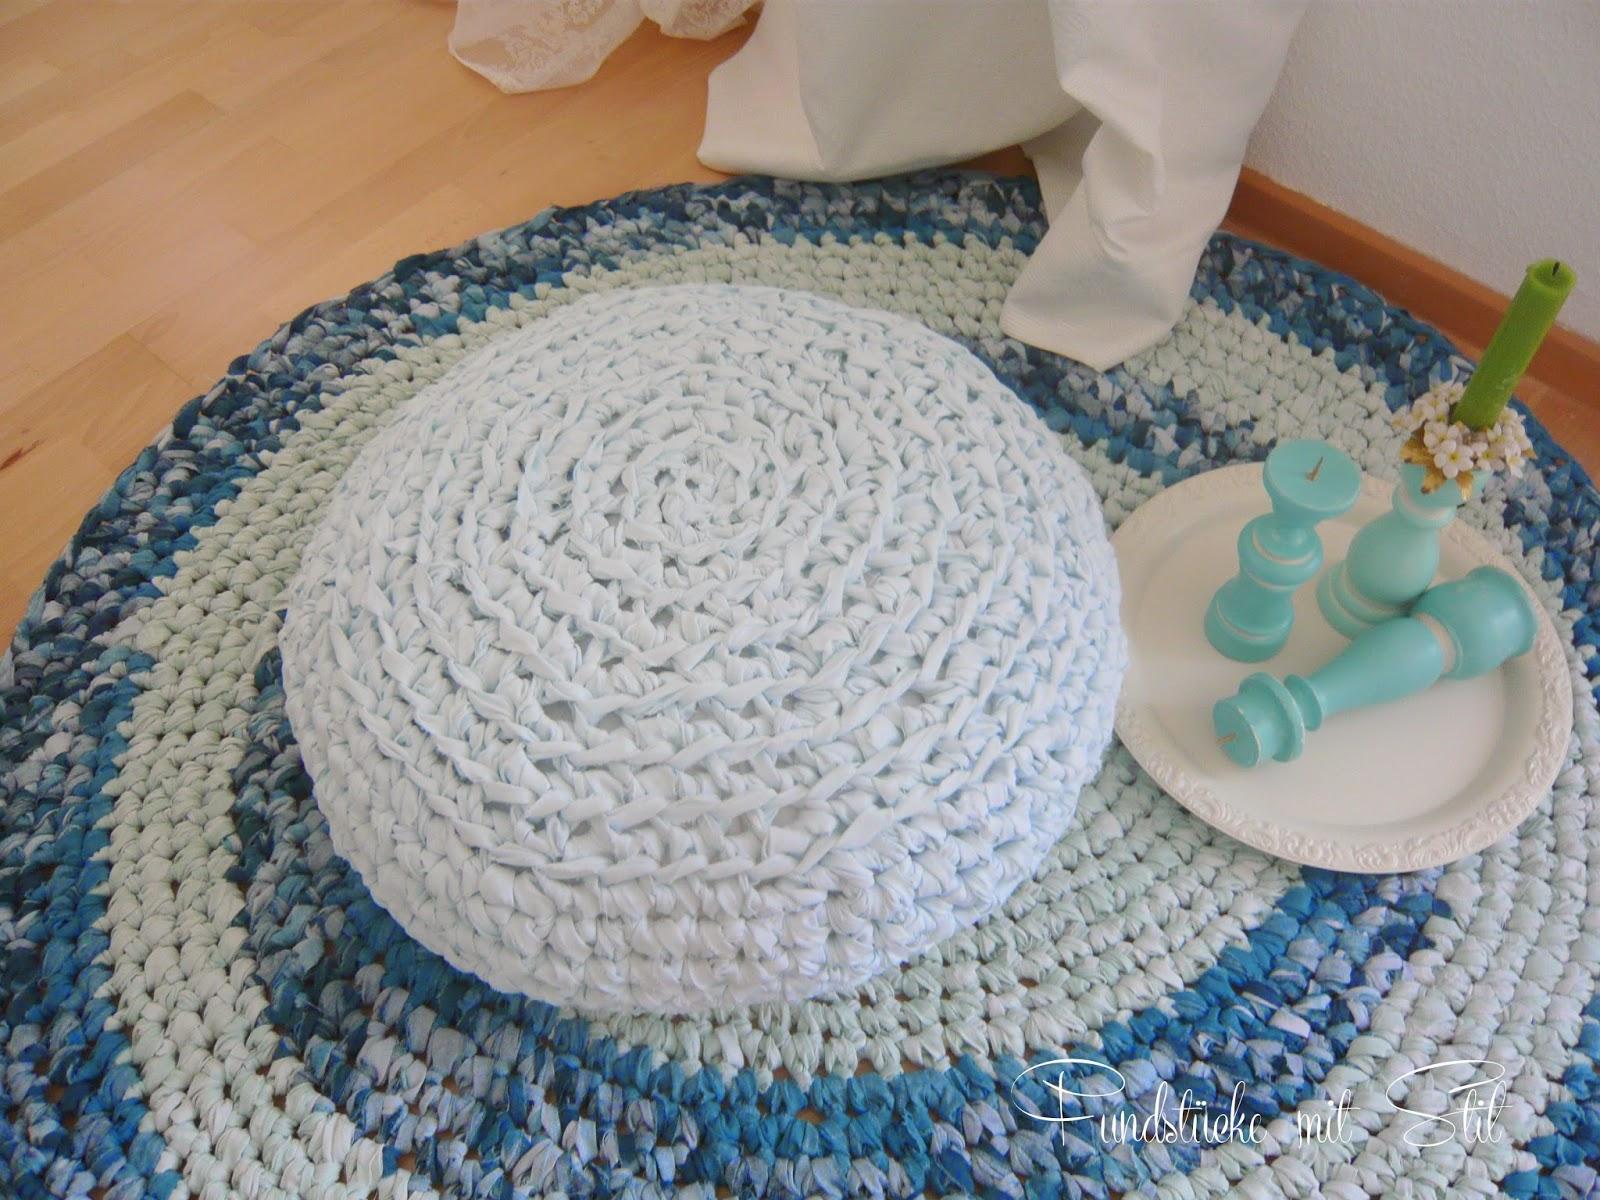 Fundstücke mit stil: diy  teppich aus bettwäsche